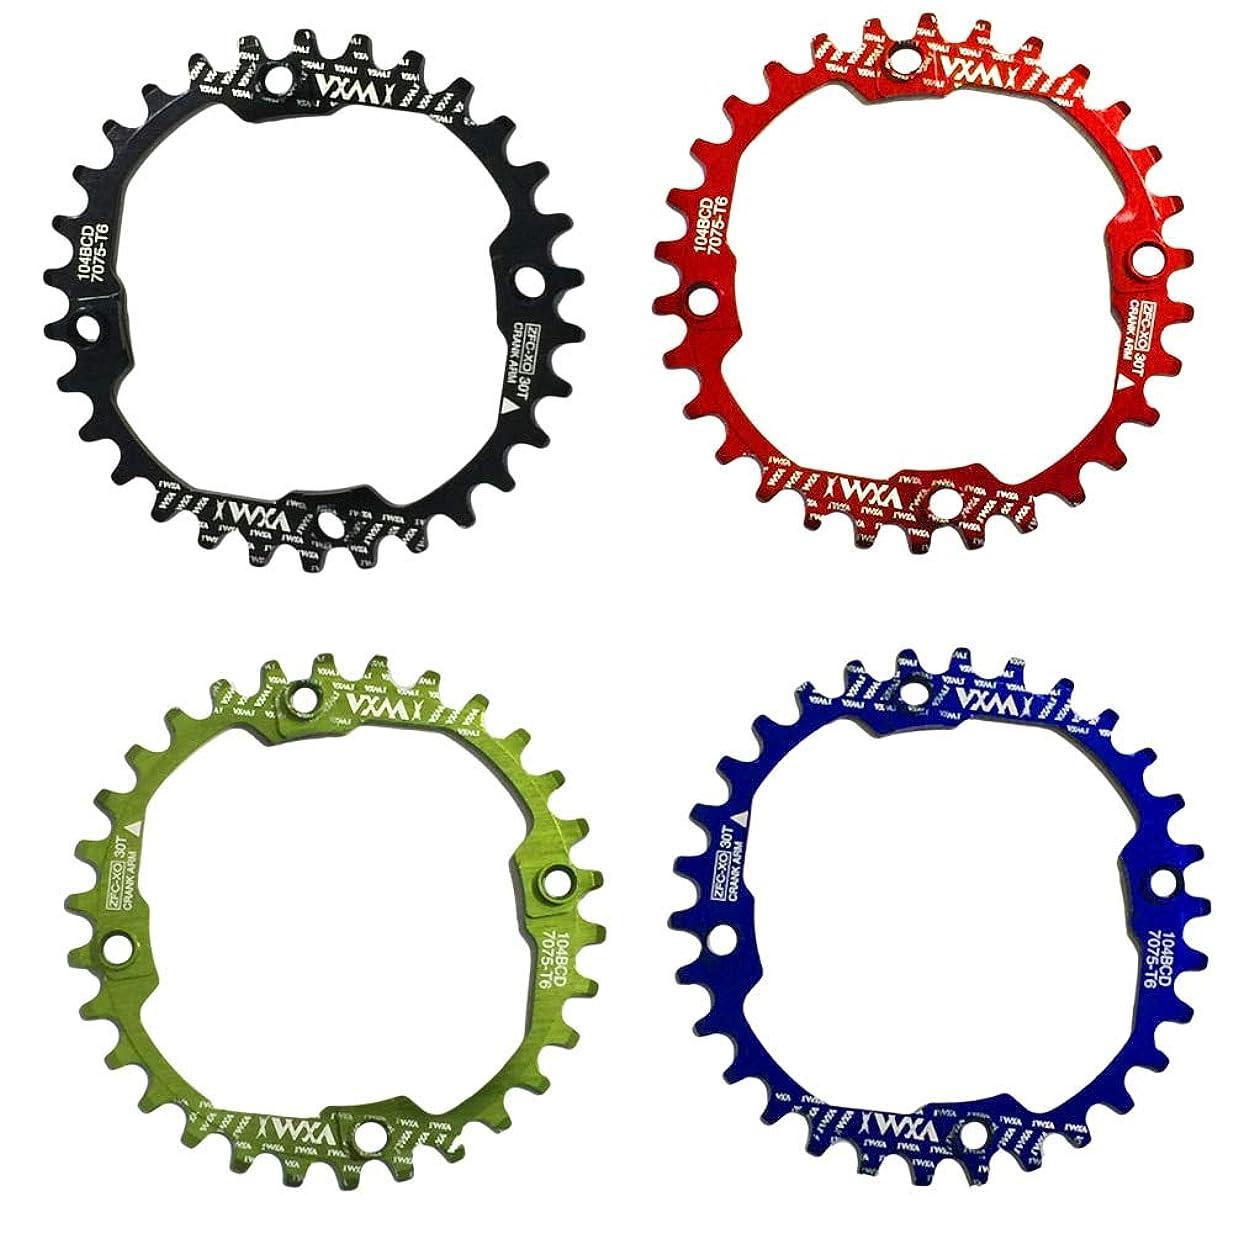 ぺディカブ急流単独でPropenary - 1PC Bicycle Chainwheel Crank 30T 104BCD Aluminum Alloy Narrow Wide Chainring Round Bike Chainwheel Crankset Bicycle Parts [ Red ]